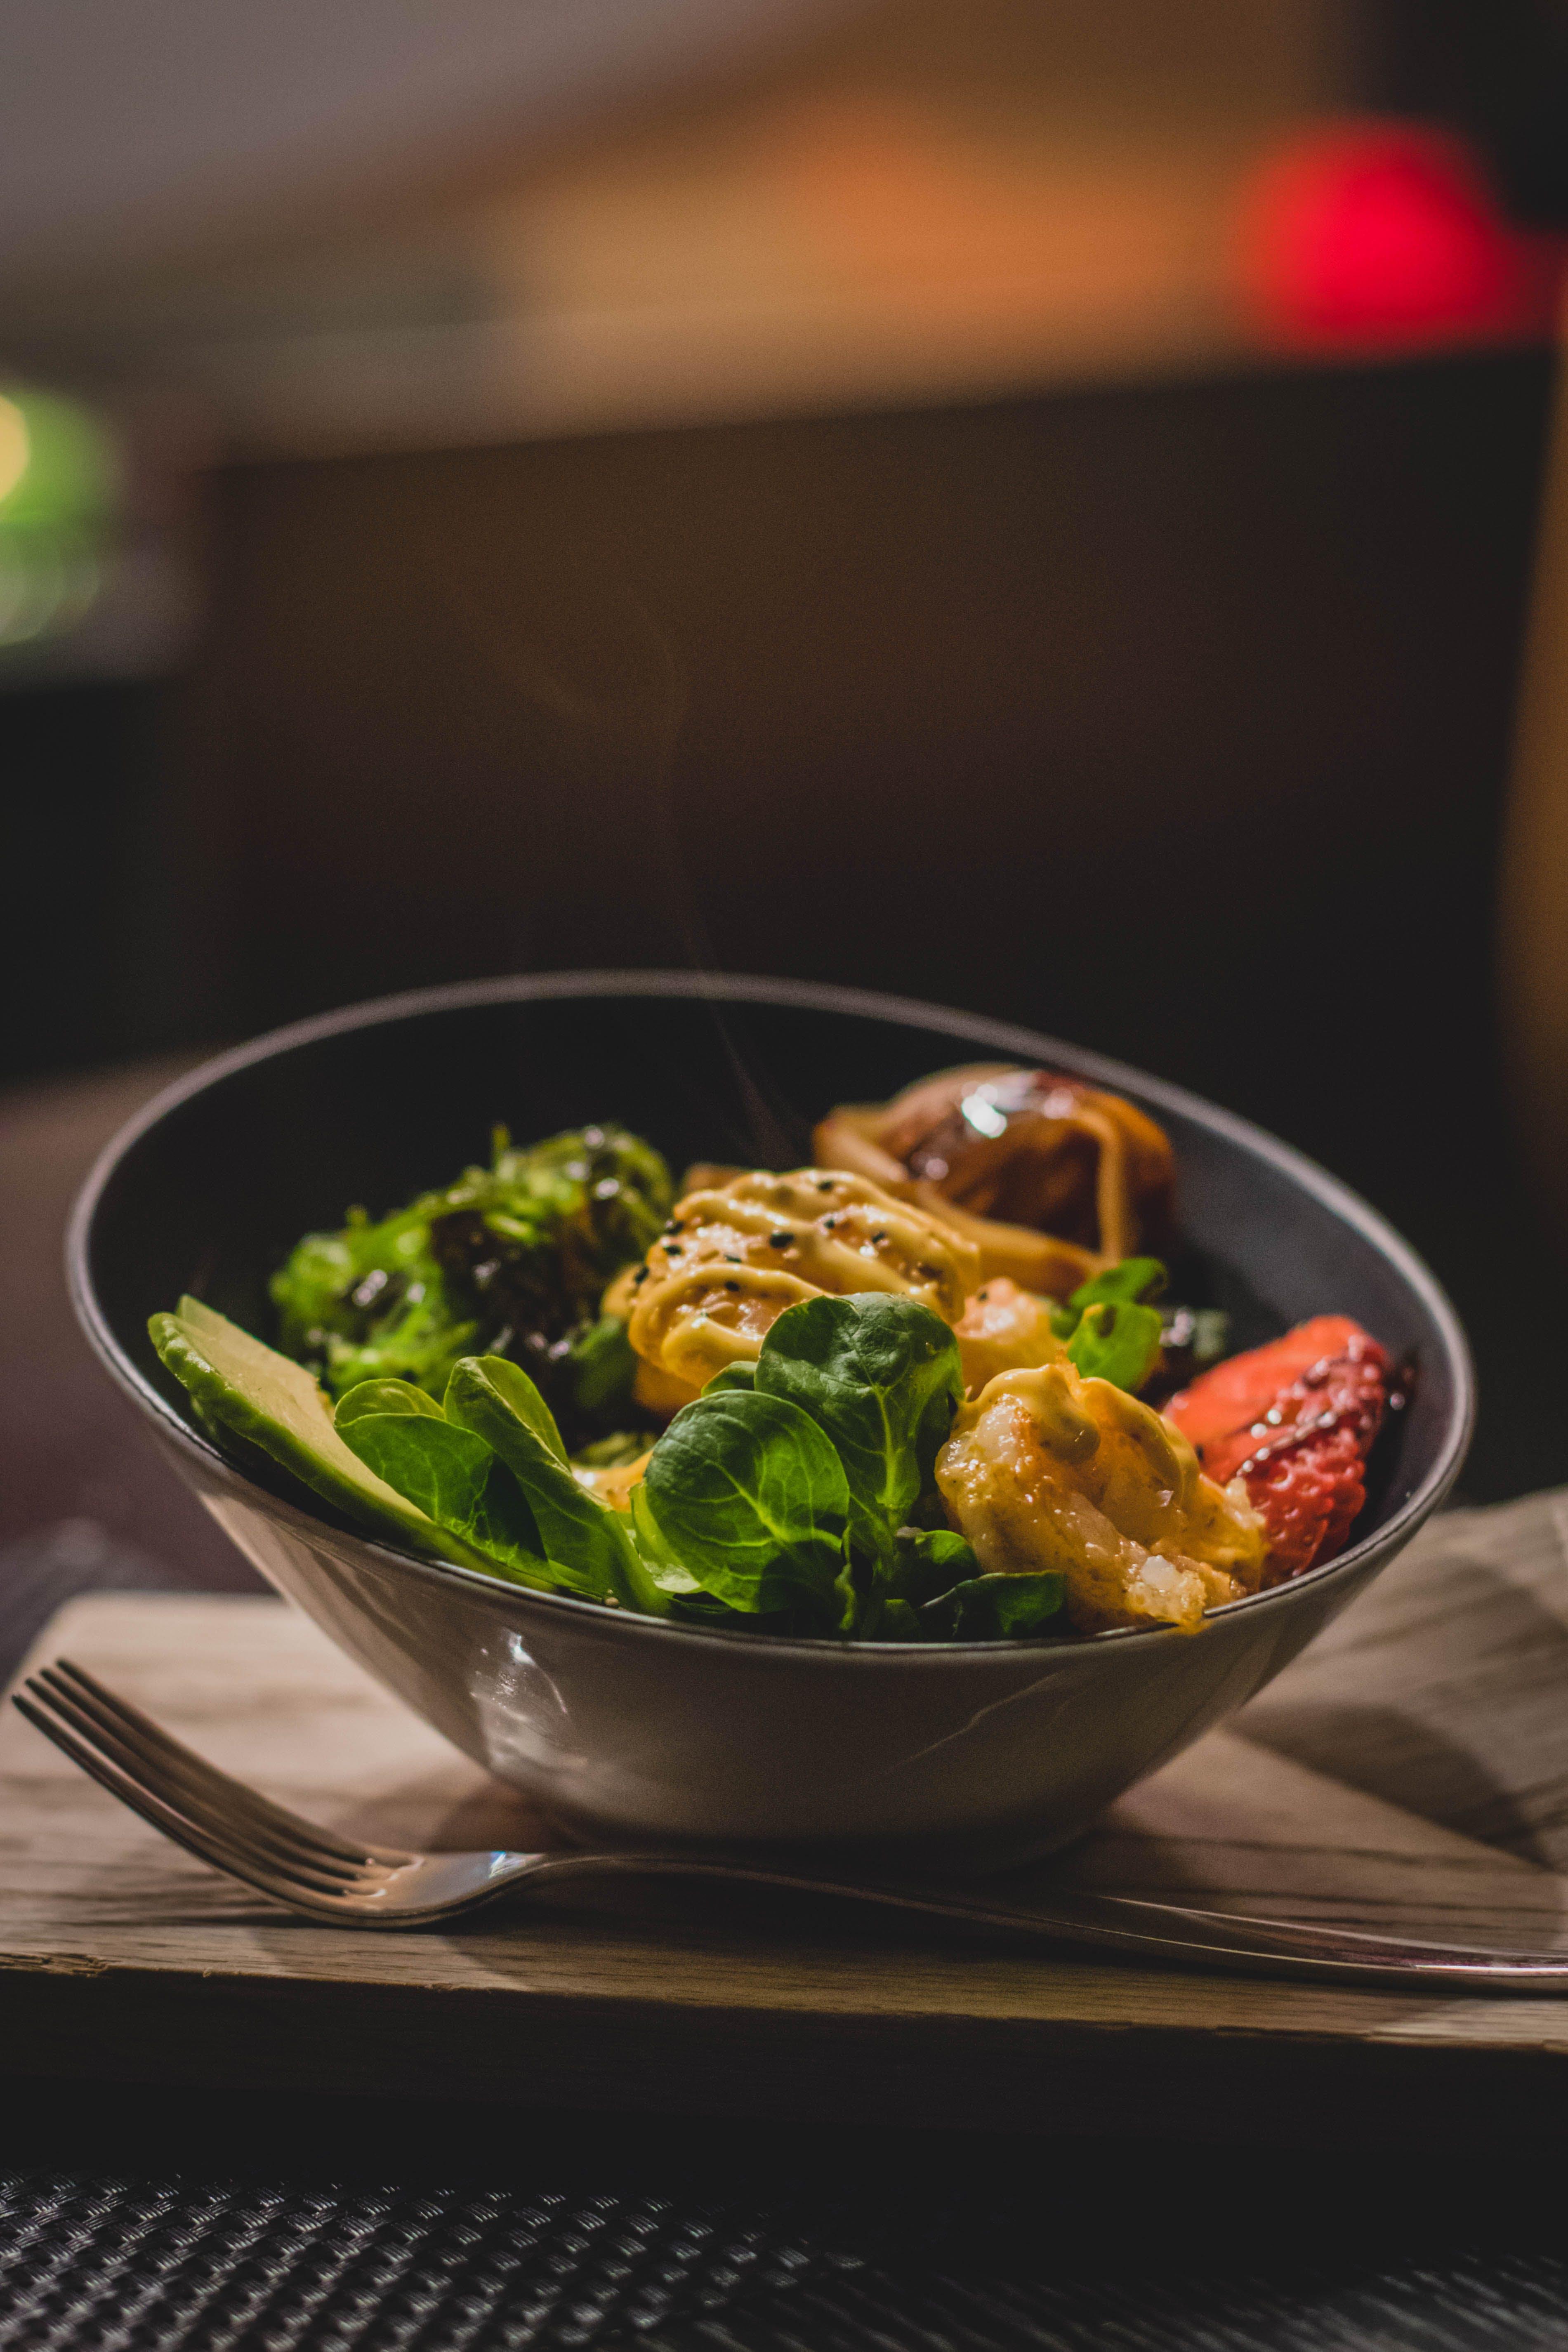 về ẩm thực, bát, bữa ăn, bữa tối